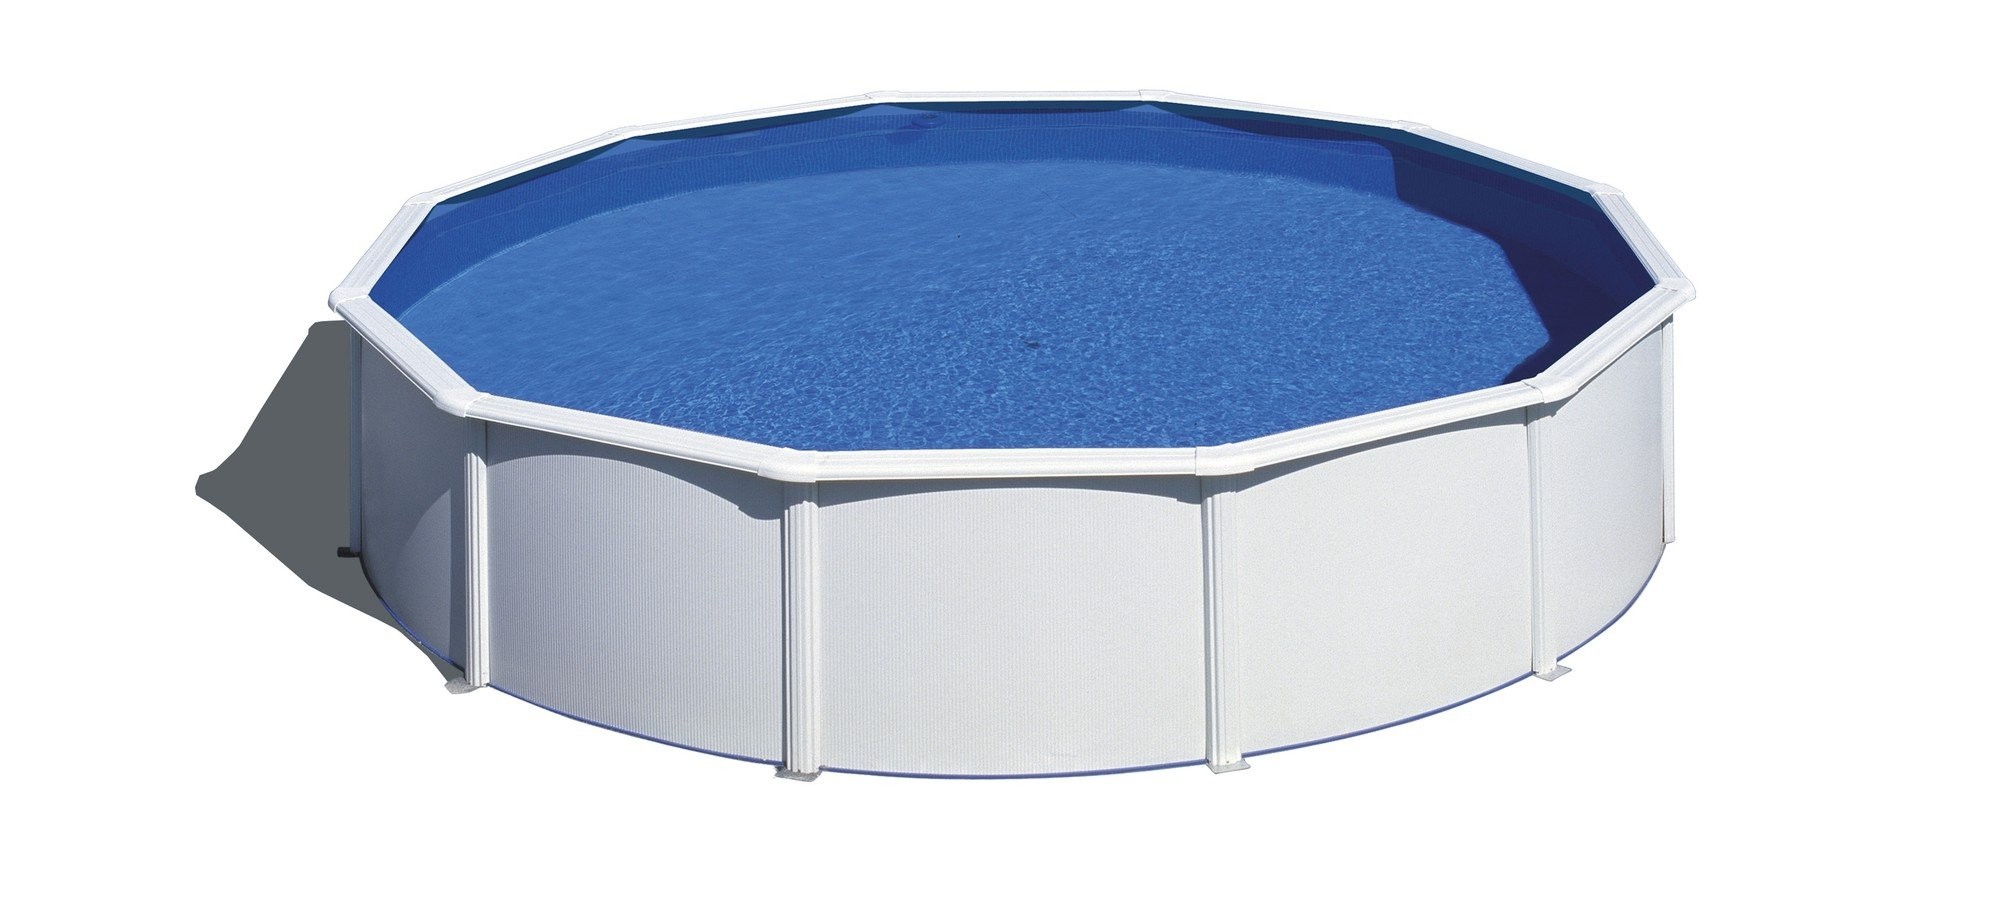 Afbeelding van Gré Atlantis stalen zwembad - 460 x 132 cm